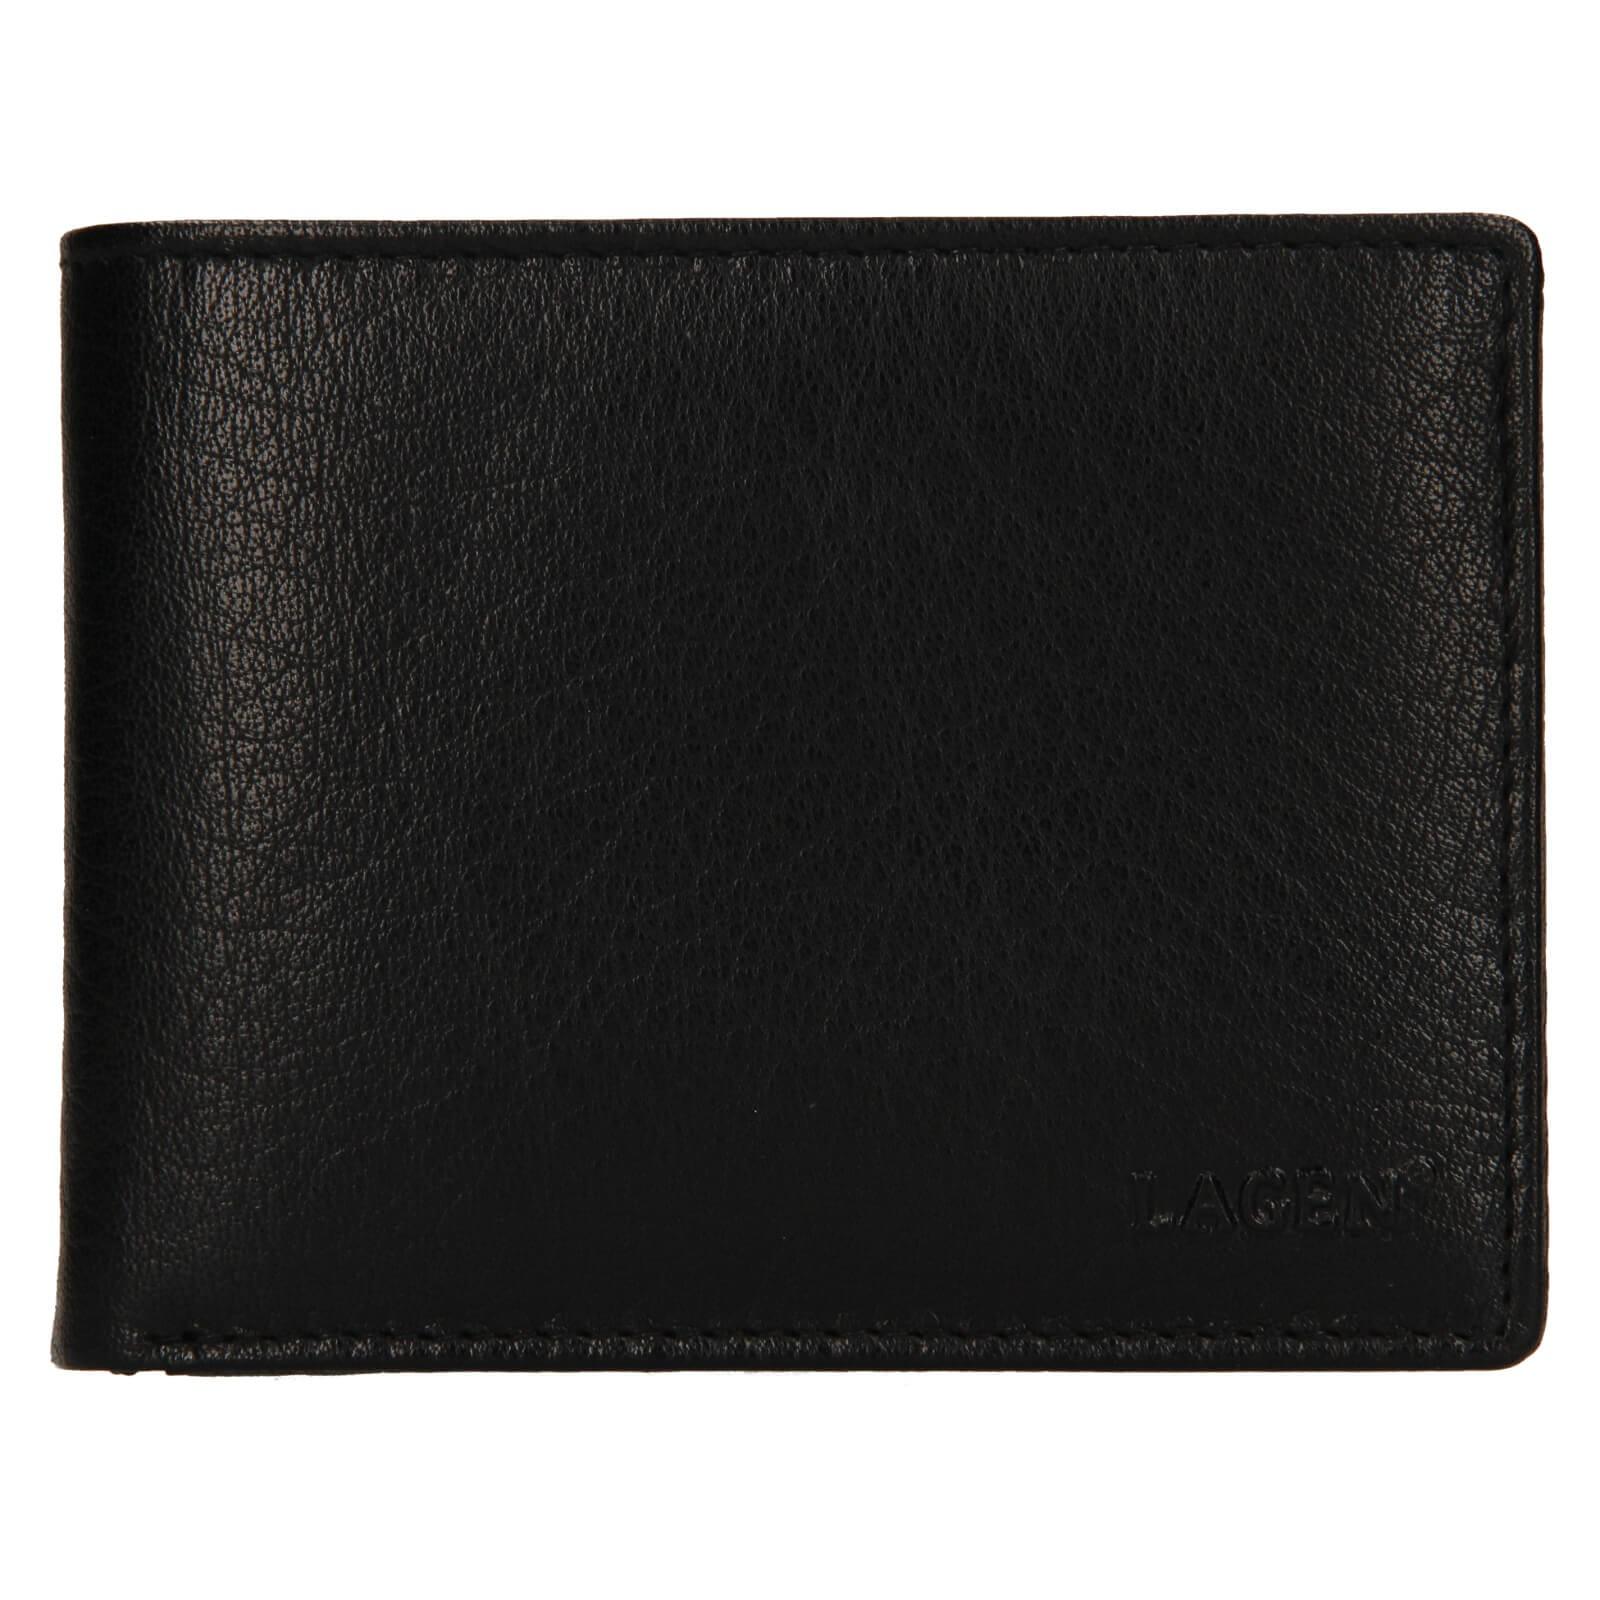 Pánska kožená peňaženka Lagen Kryštof - čierna